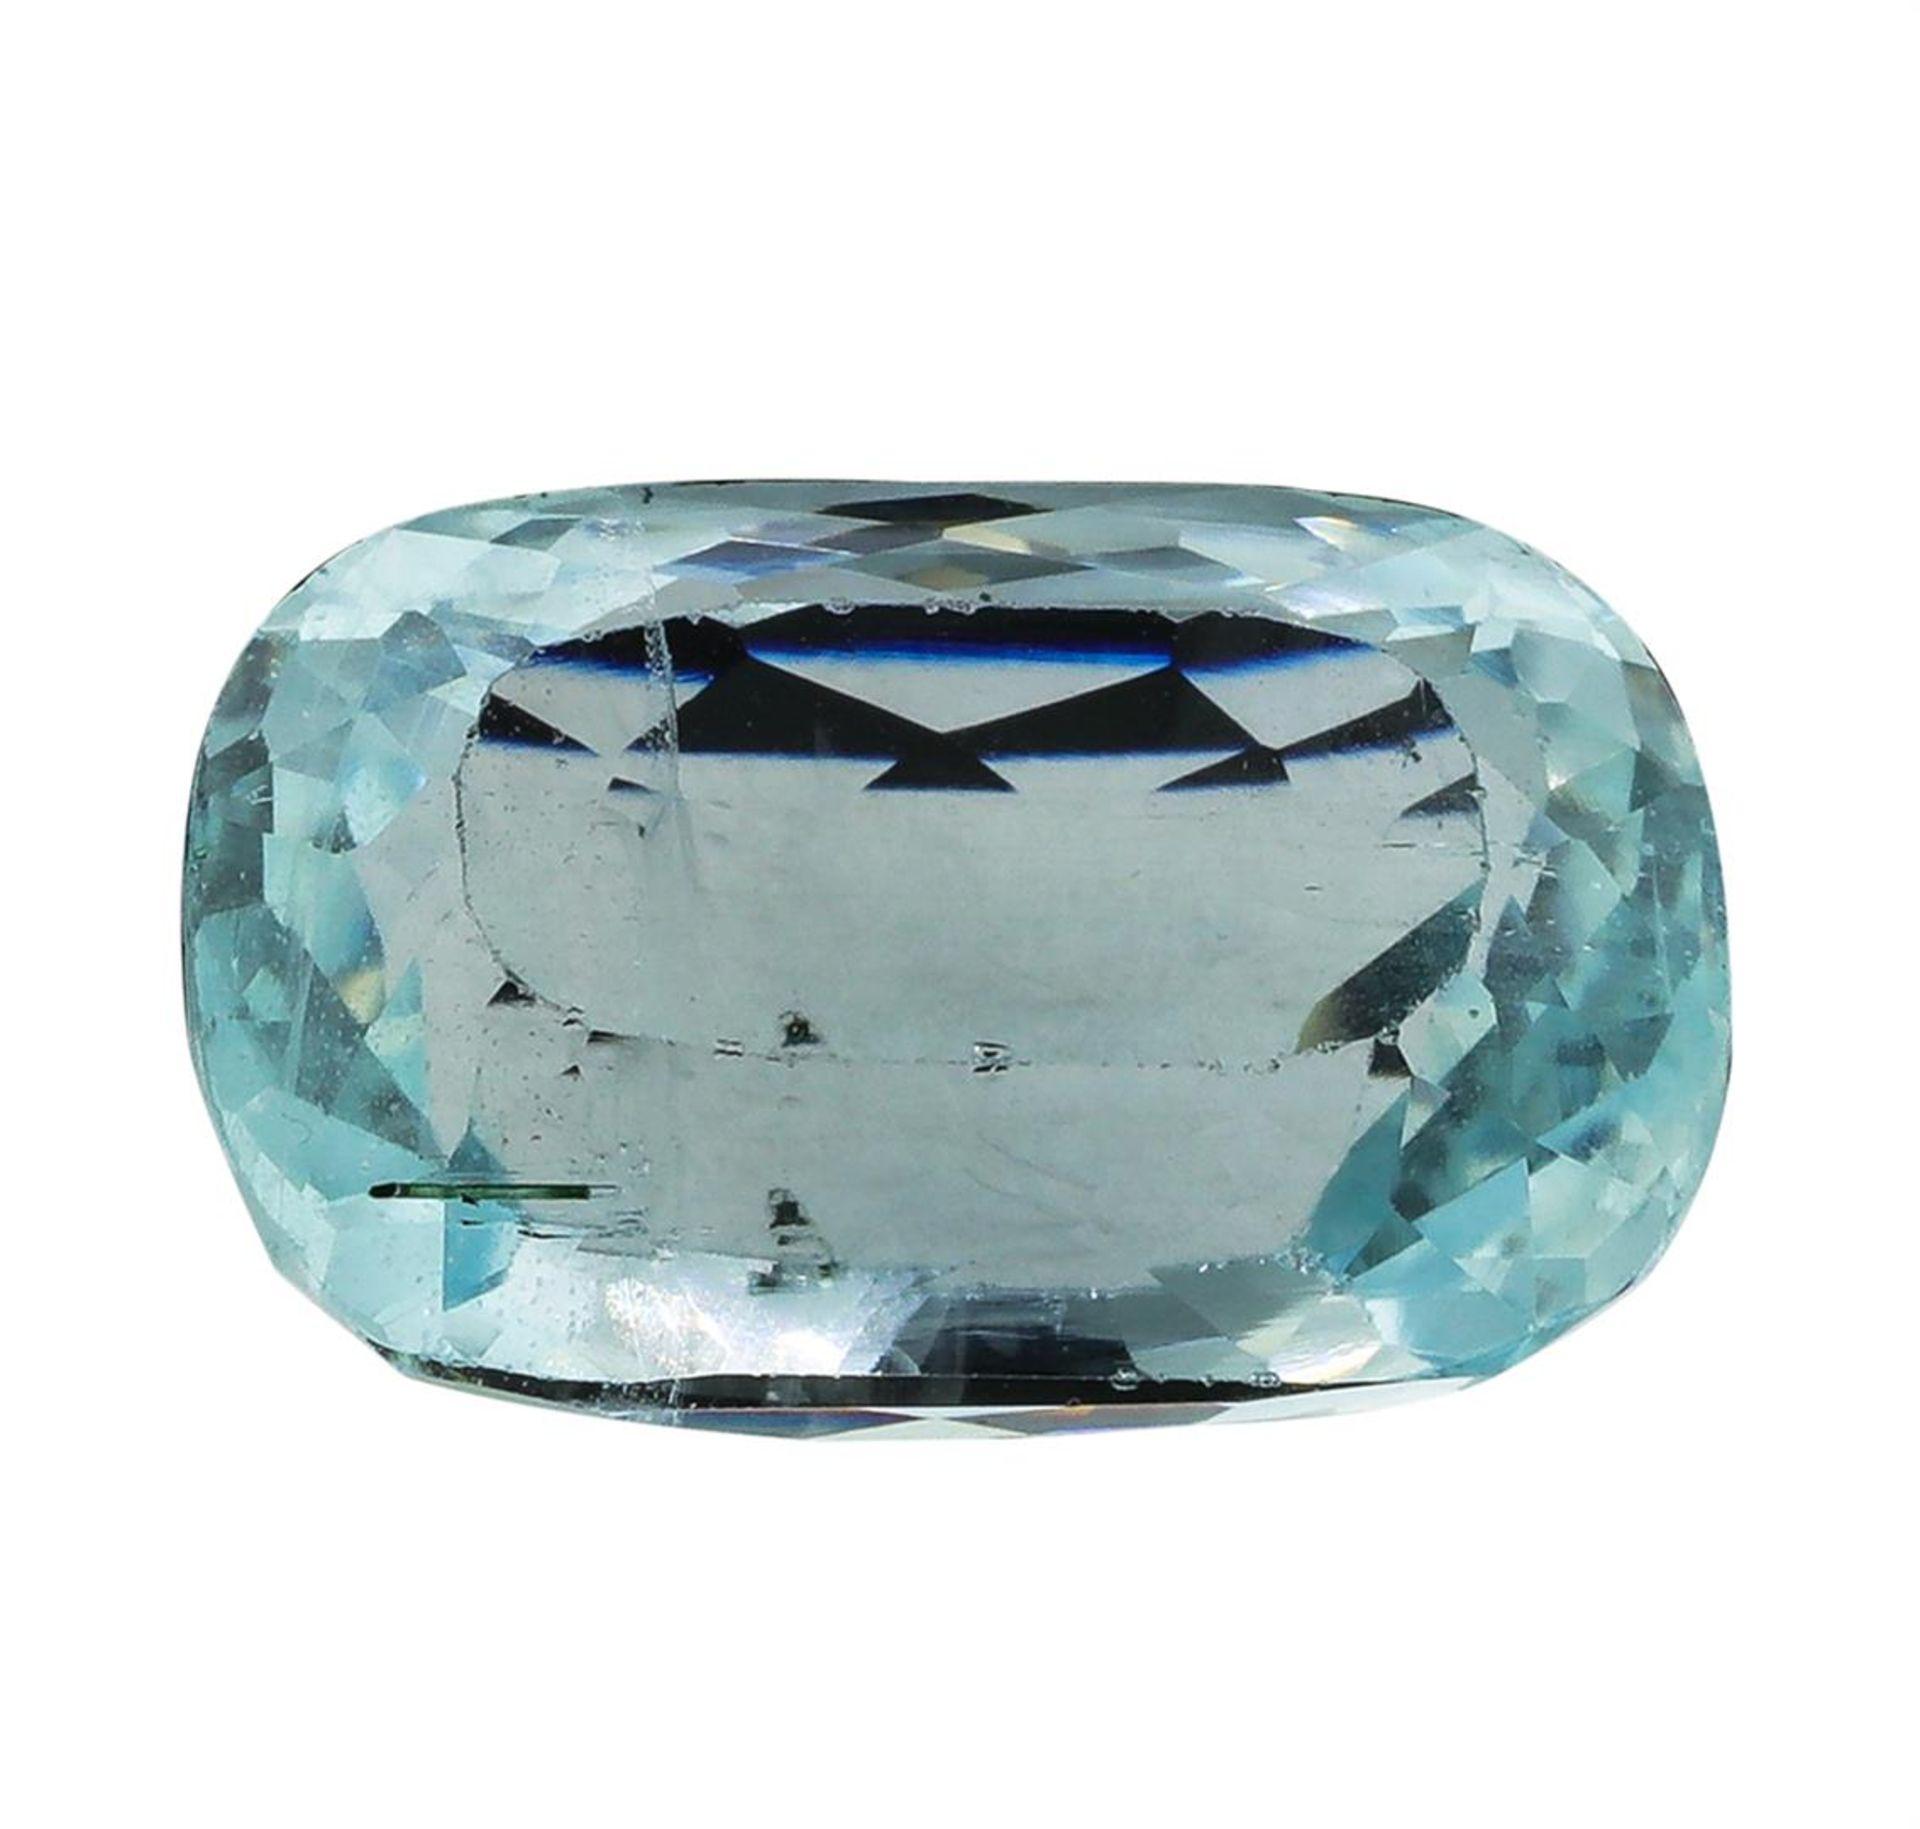 12.41ct.Natural Cushion Cut Aquamarine